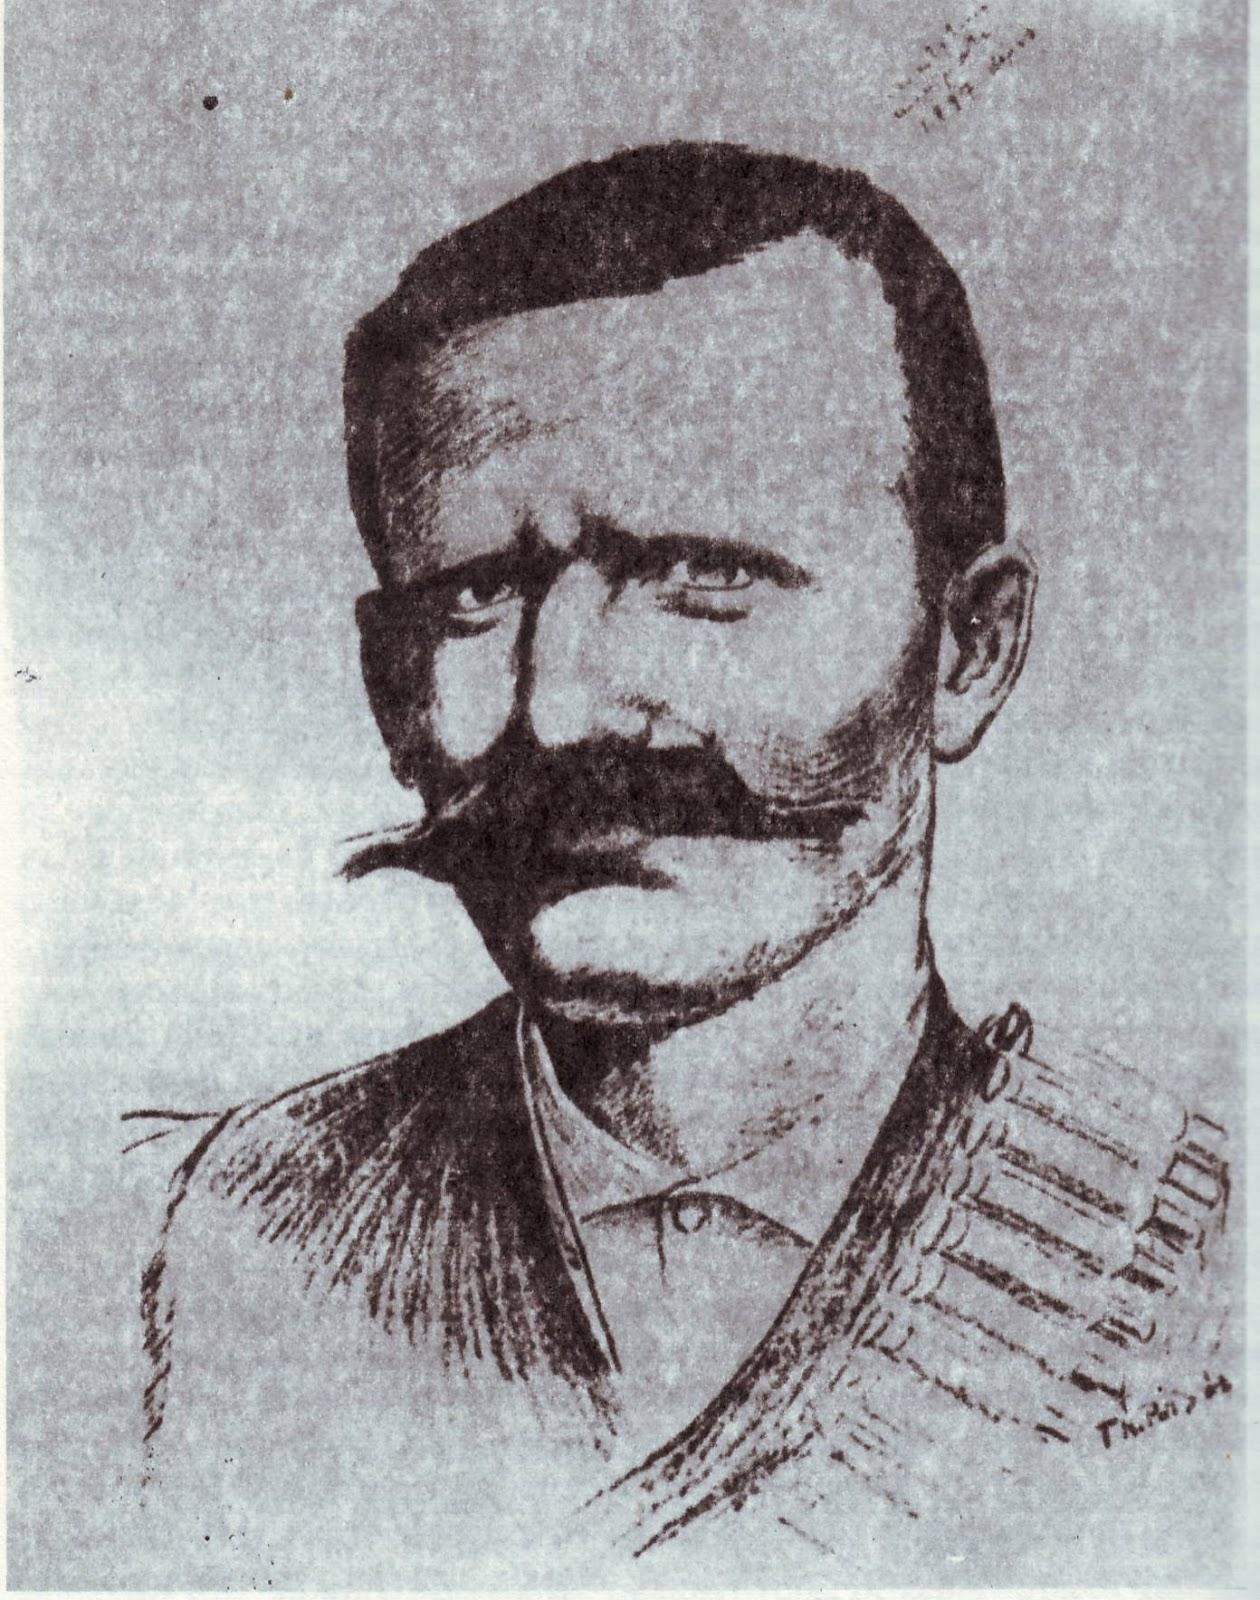 Ο Αθανάσιος Μπρούφας (Παλαιοκρίμνι, 1850 - Μορίχοβο, 1896) ήταν Έλληνας αγωνιστής από το Παλιοκρίμνι (κοντά στο Πολυκάστανο Κοζάνης) στην επαρχία Βοΐου.